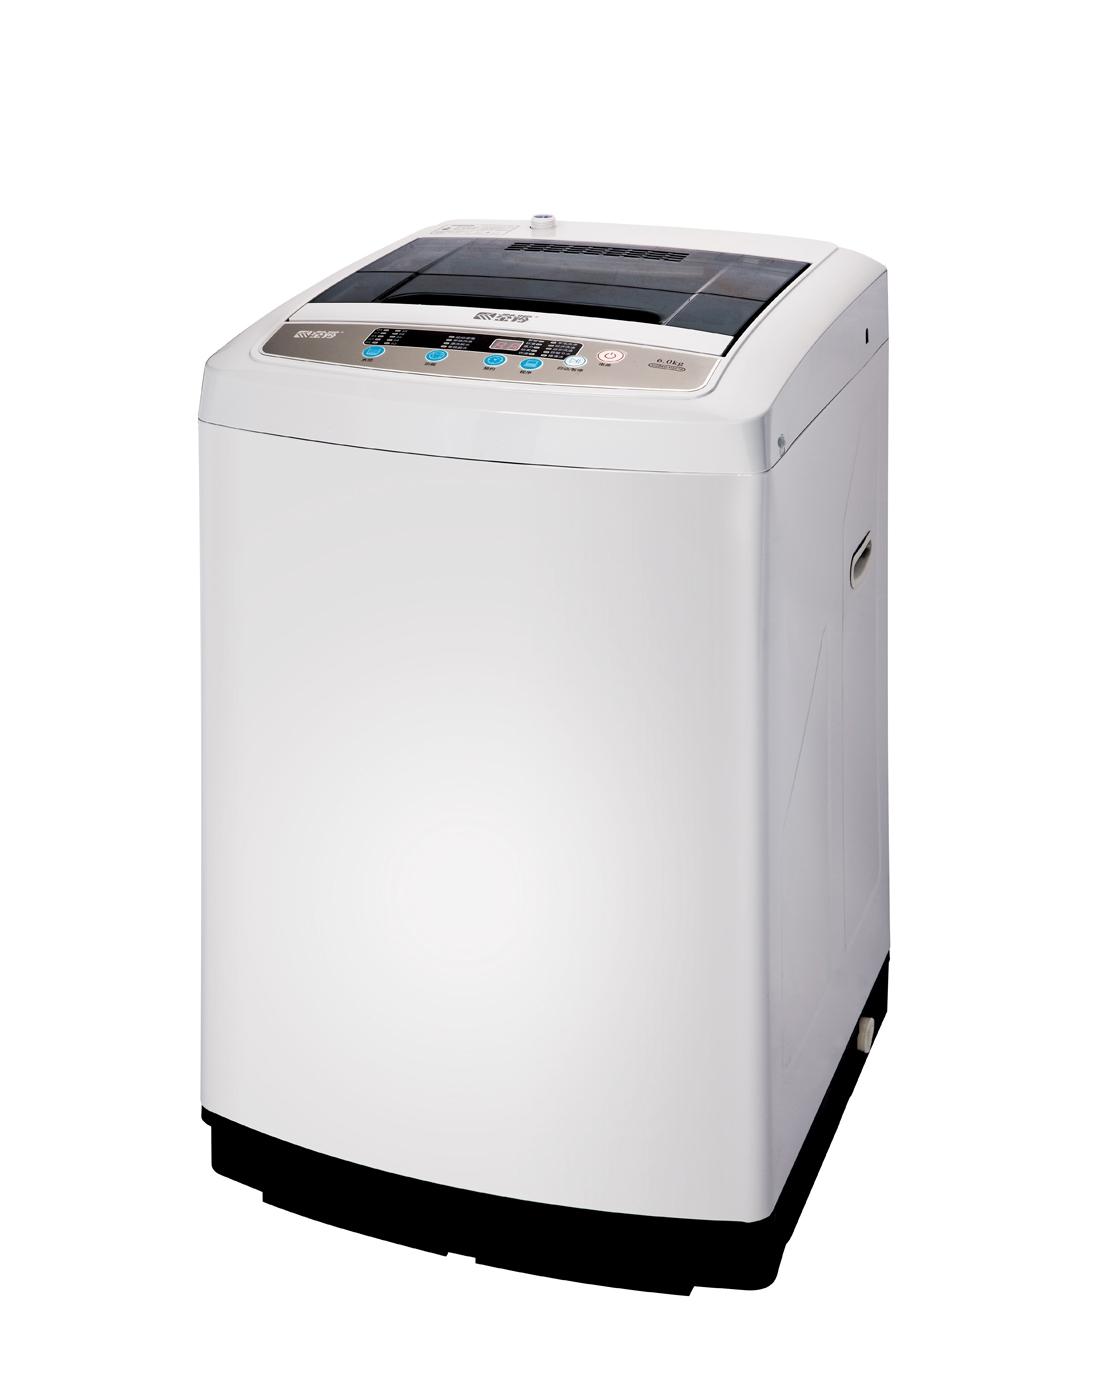 金羚&卡迪洗衣机专场金羚6kg家用全自动洗衣机xqb60